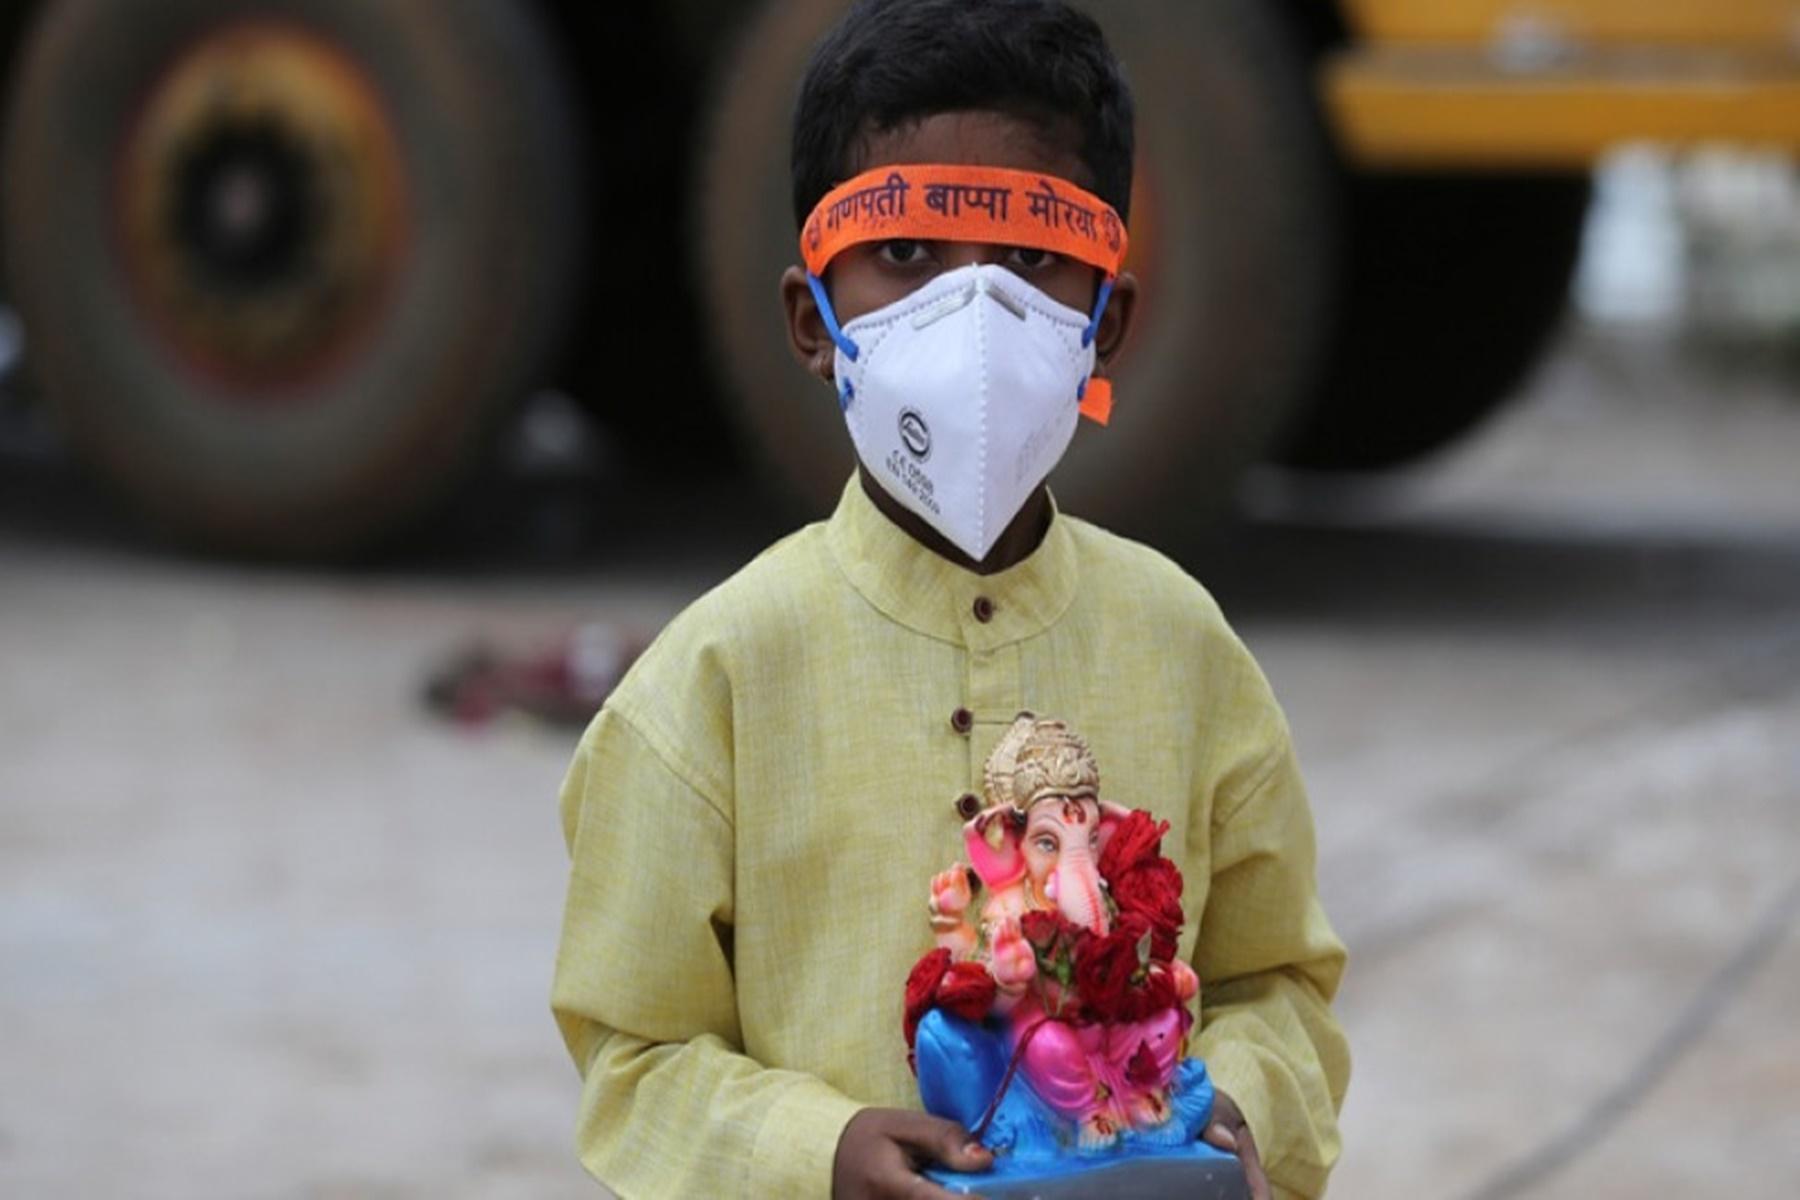 Ινδία : Στρέφετε σε μη εγκεκριμένα εμβόλια για να αντιμετωπίσει την πανδημία